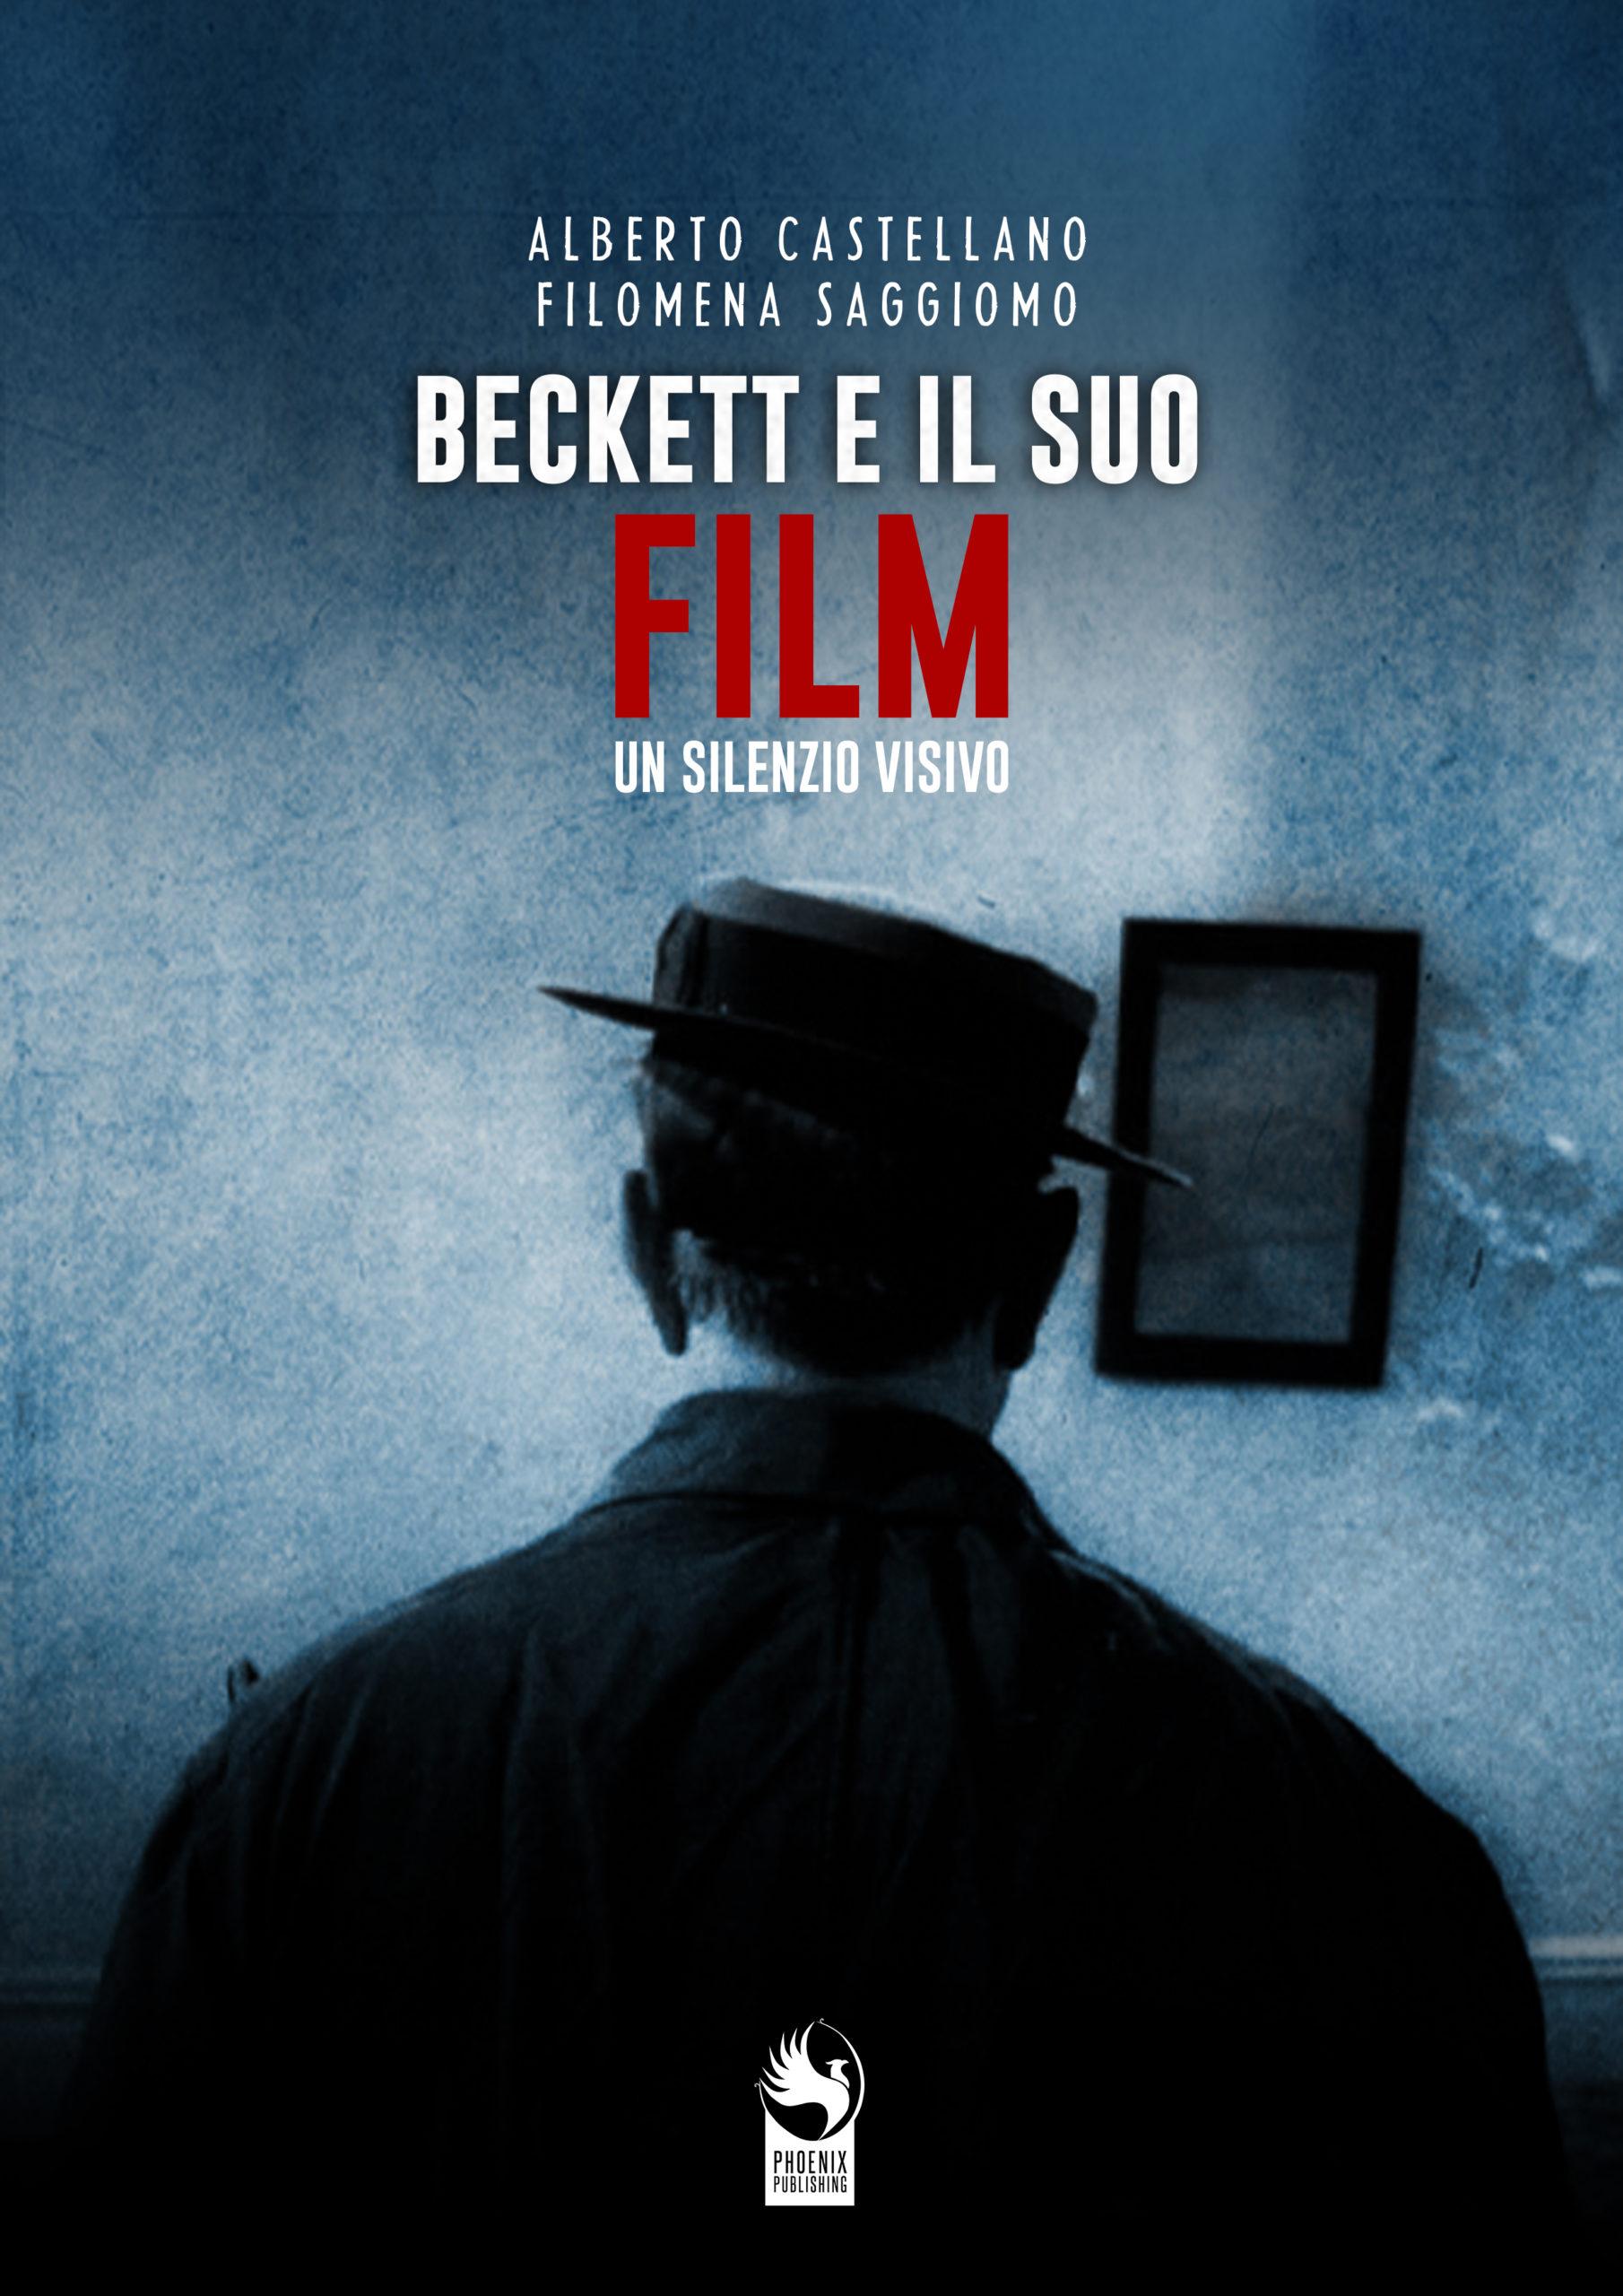 """BECKETT E IL SUO """"FILM"""" - UN SILENZIO VISIVO di Alberto Castellano e Filomena Saggiomo - Phoenix Publishing"""